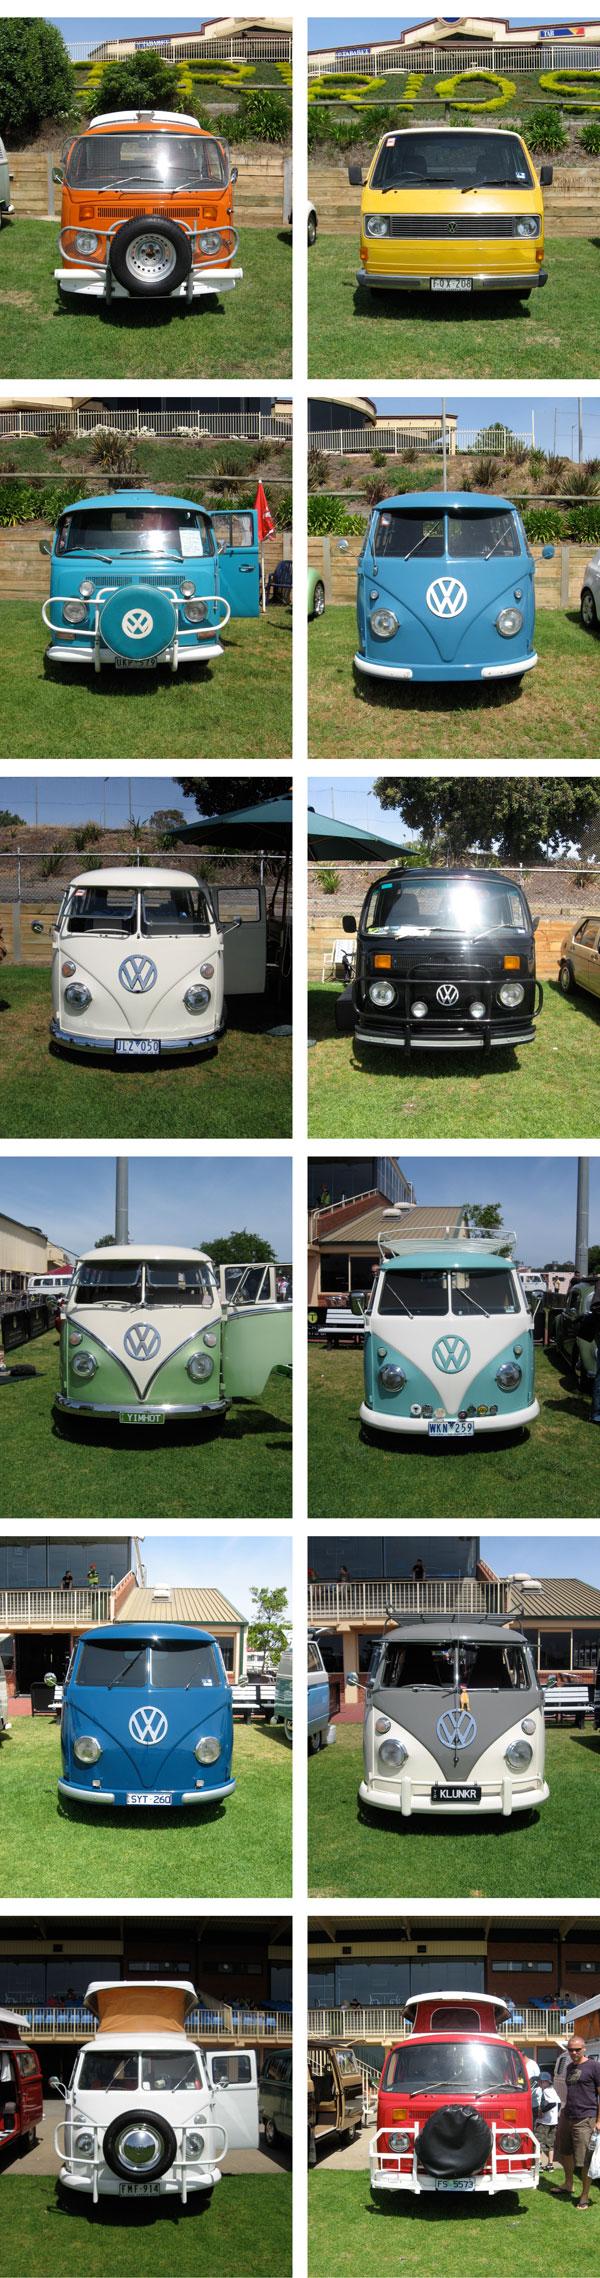 Kombi_2-Top 100 Volkswagens